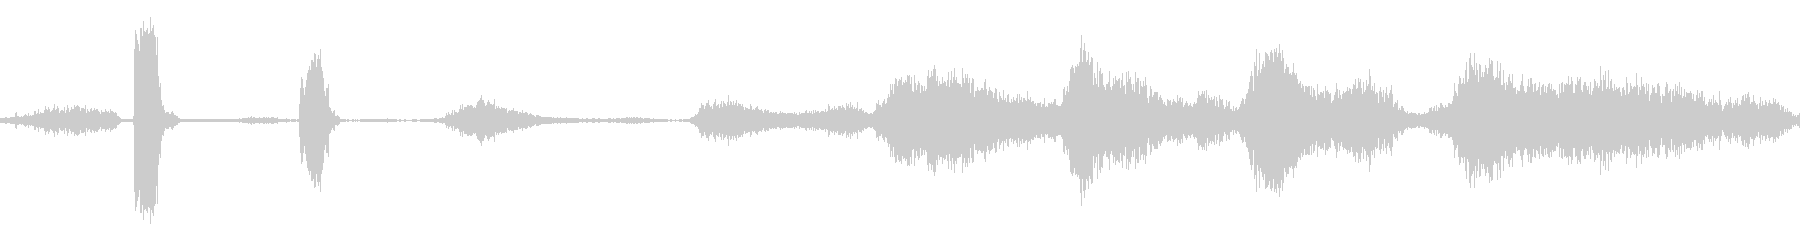 モンスターの呼吸と喘鳴モノの未再生の波形